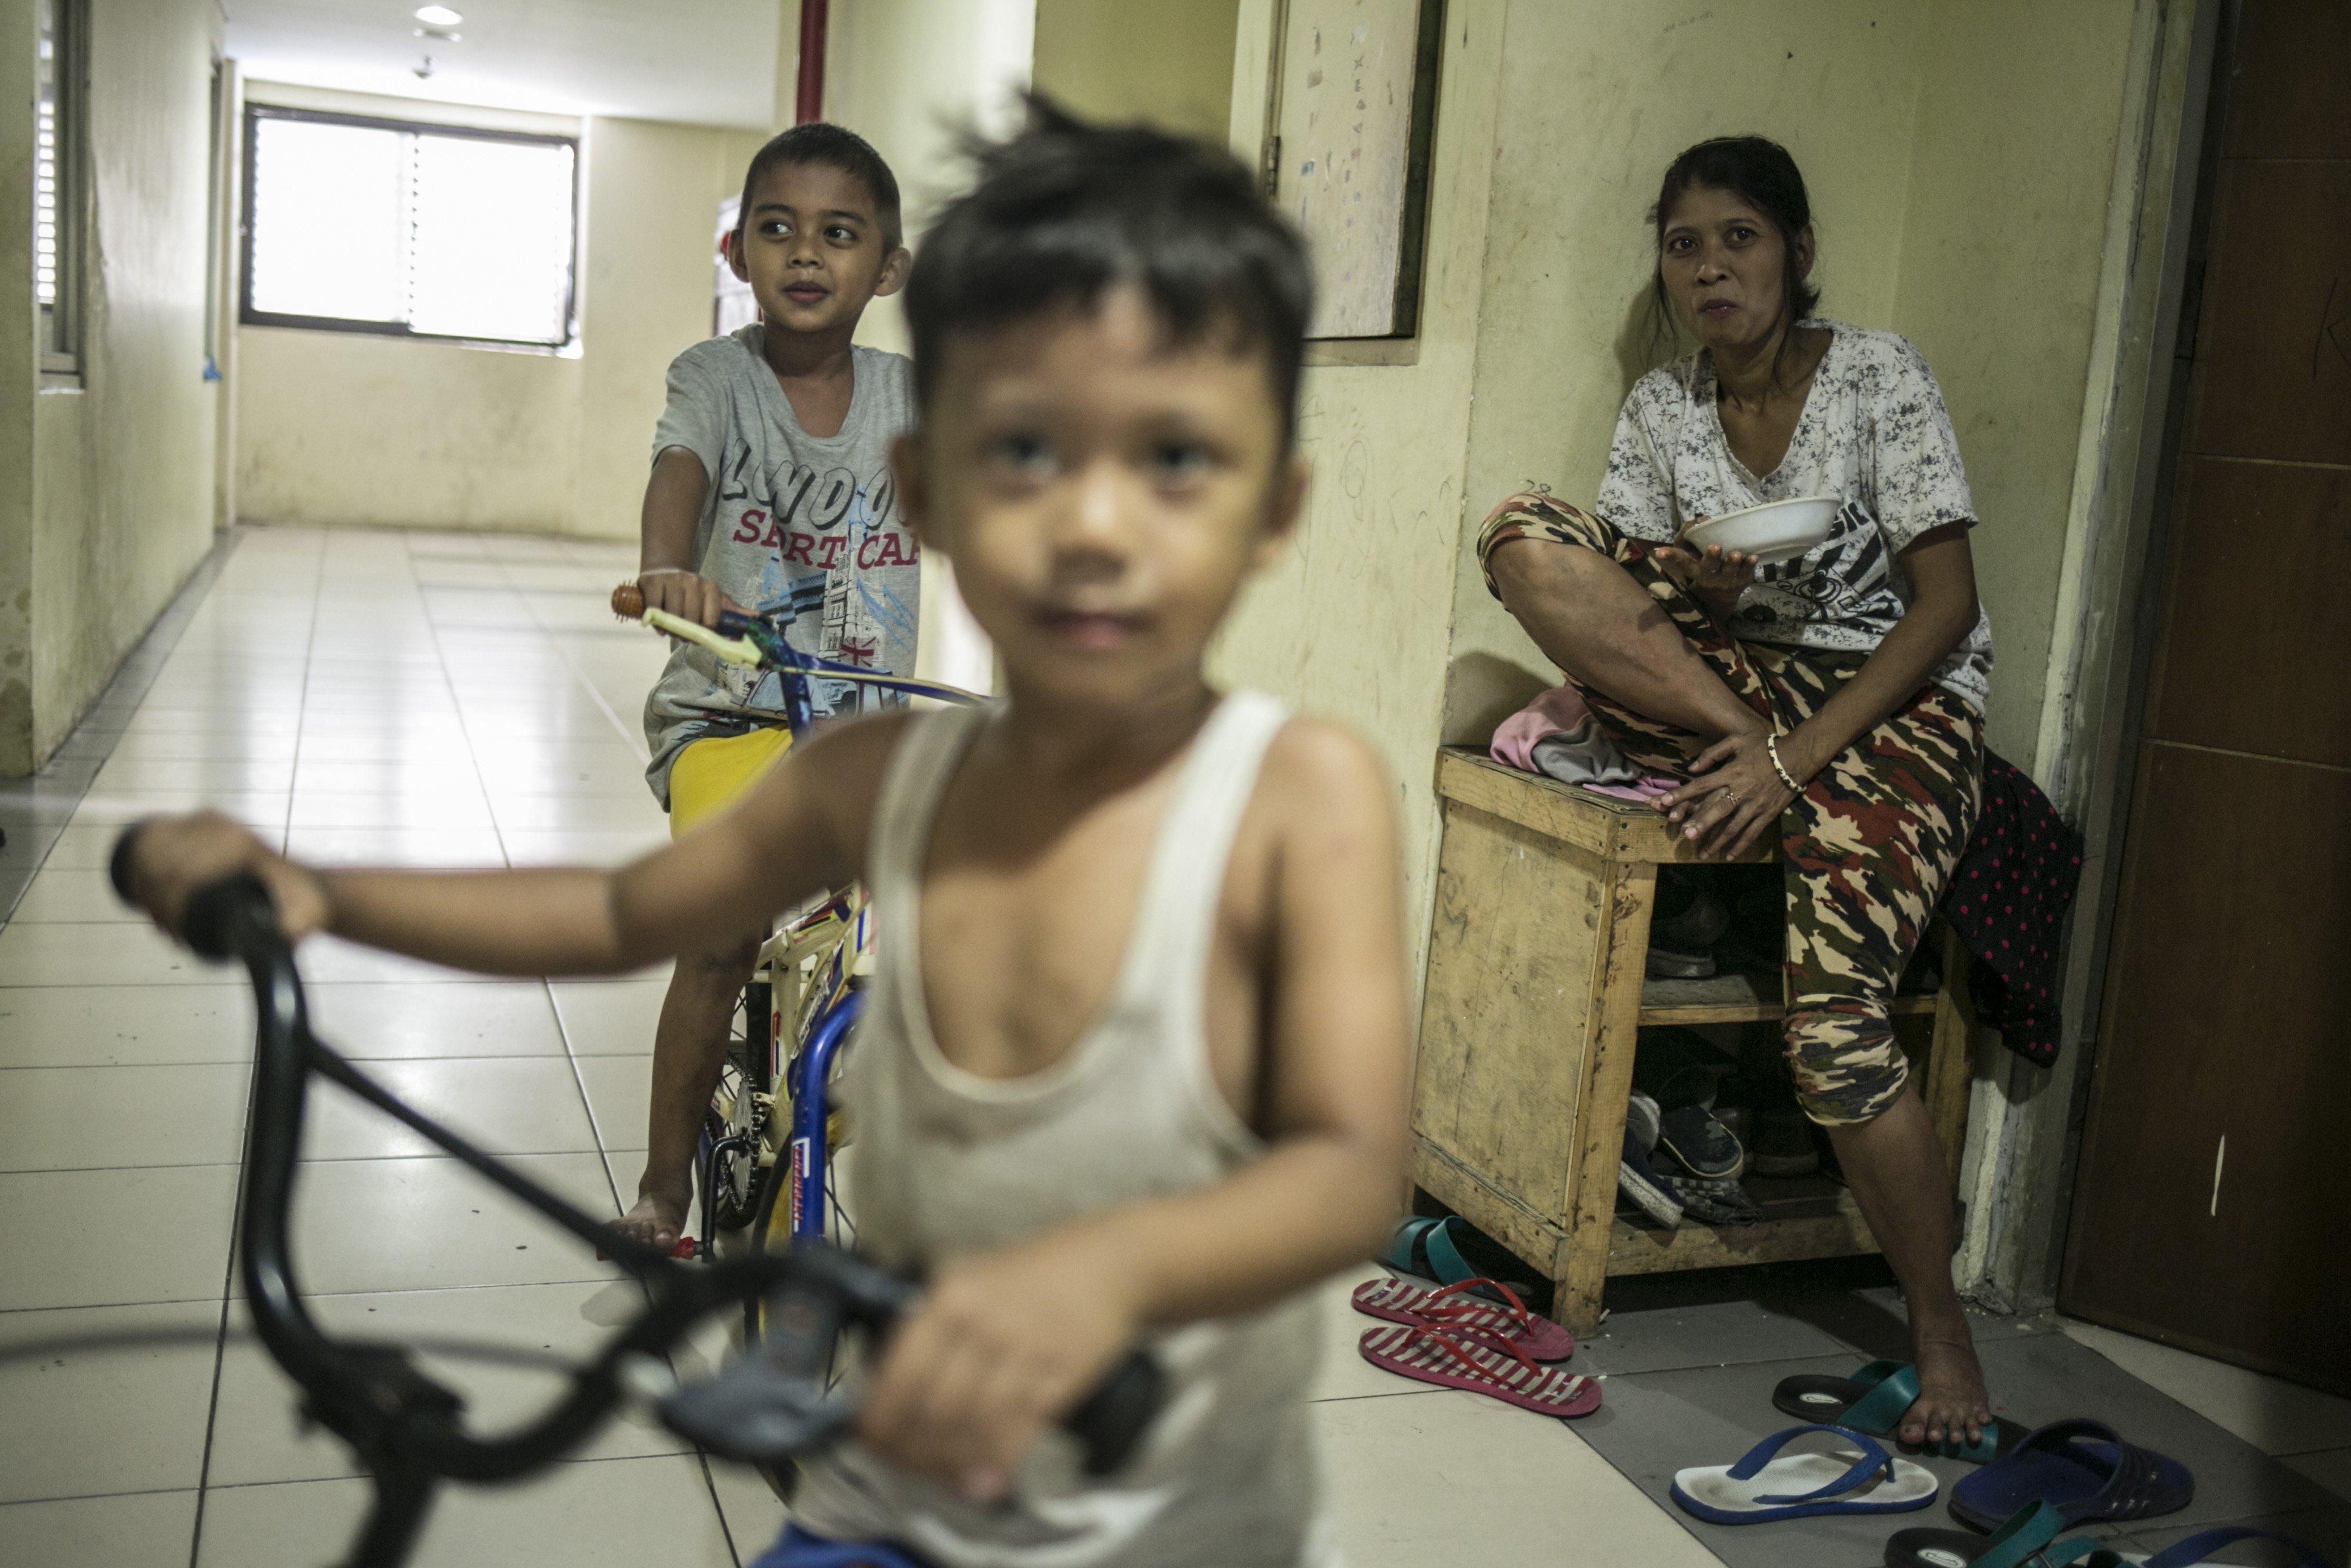 Anak-anak bermain sedepa di lorong Rusun Jatinegara, Jakarta Timur.